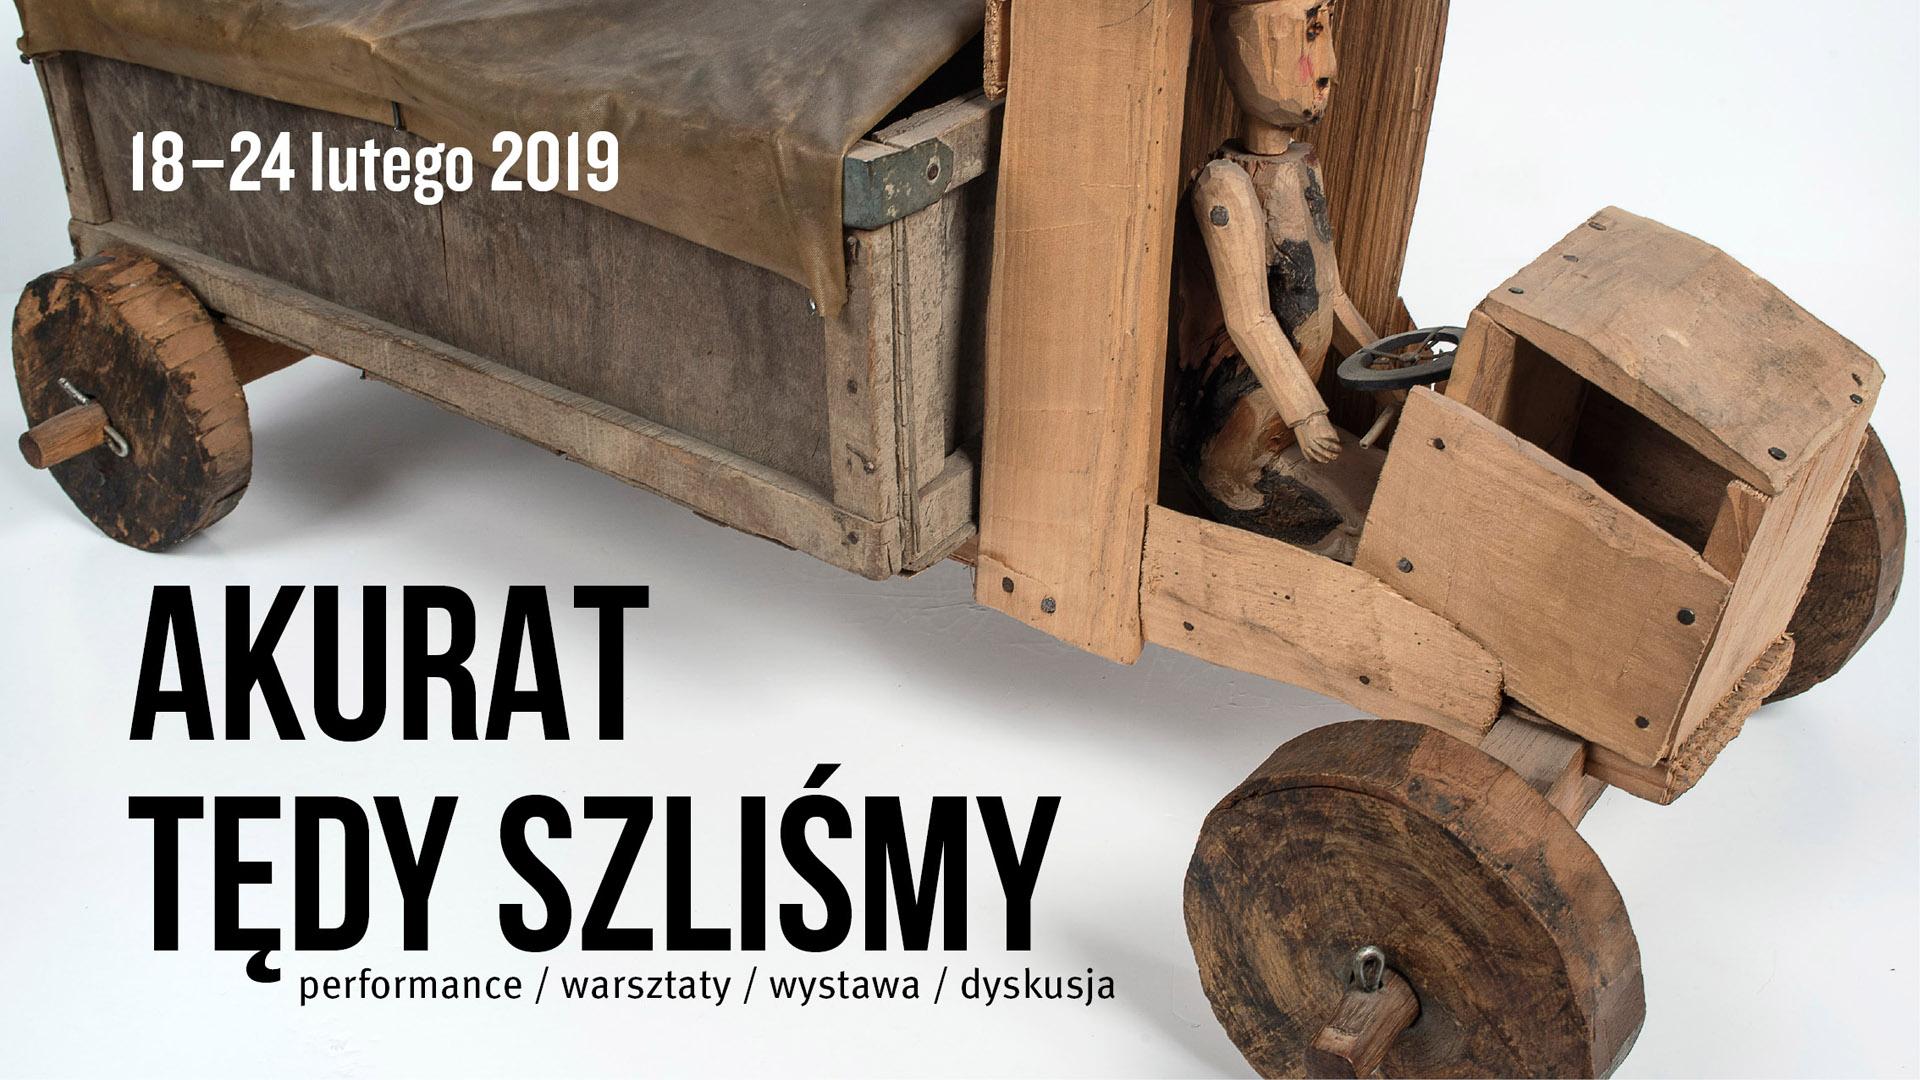 Grafika, na której widać zdjęcie drewnianego samochodu (truposznicy) z typografią: akurat tędy szliśmy